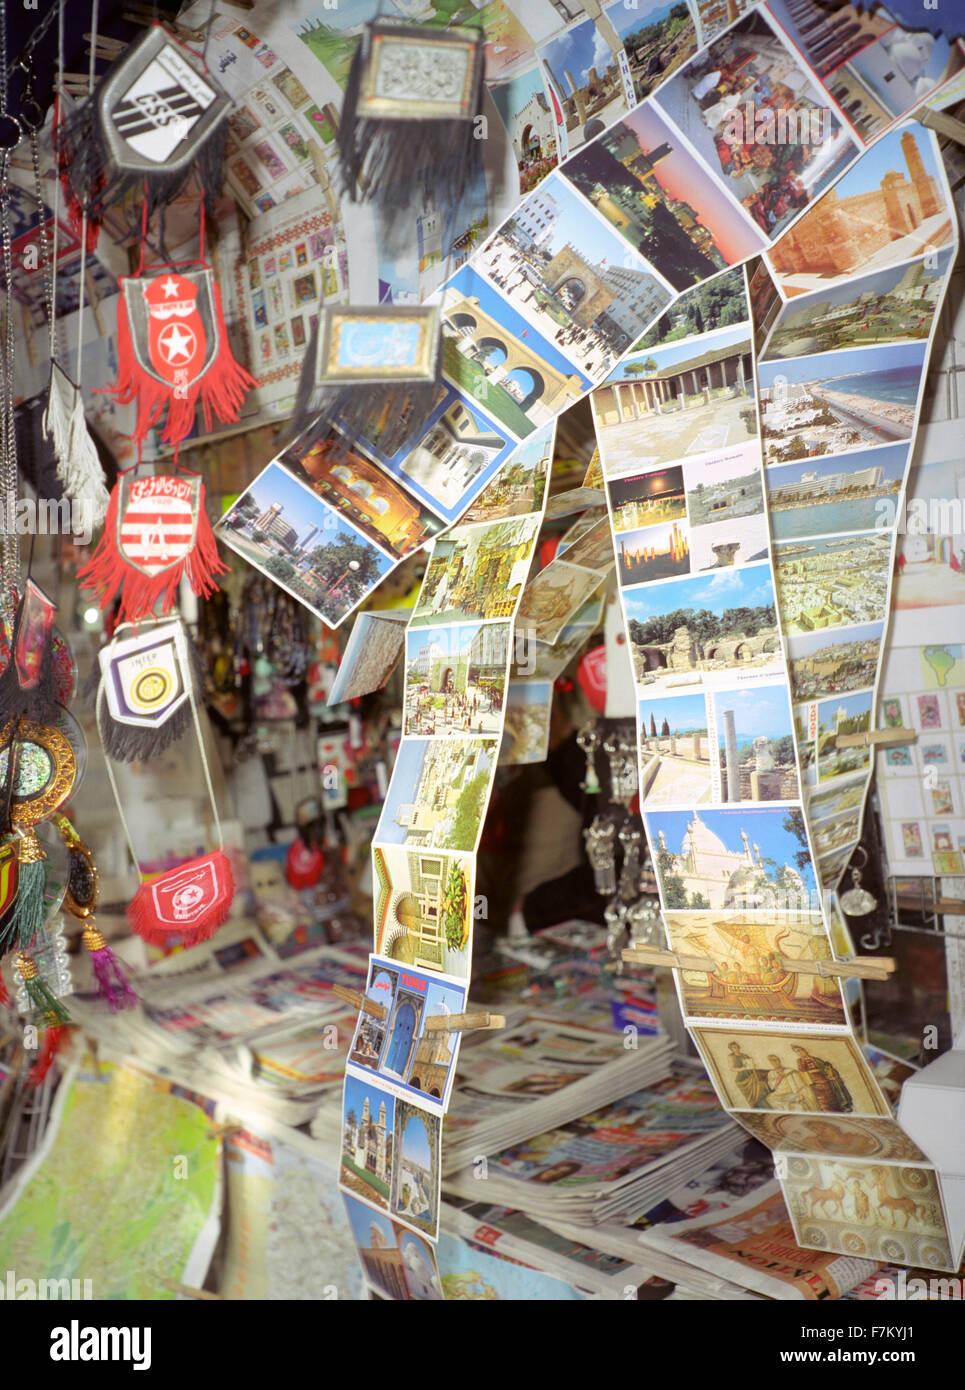 Postales turísticas soplar el viento en un quiosco de prensa en Túnez, África del Norte Imagen De Stock